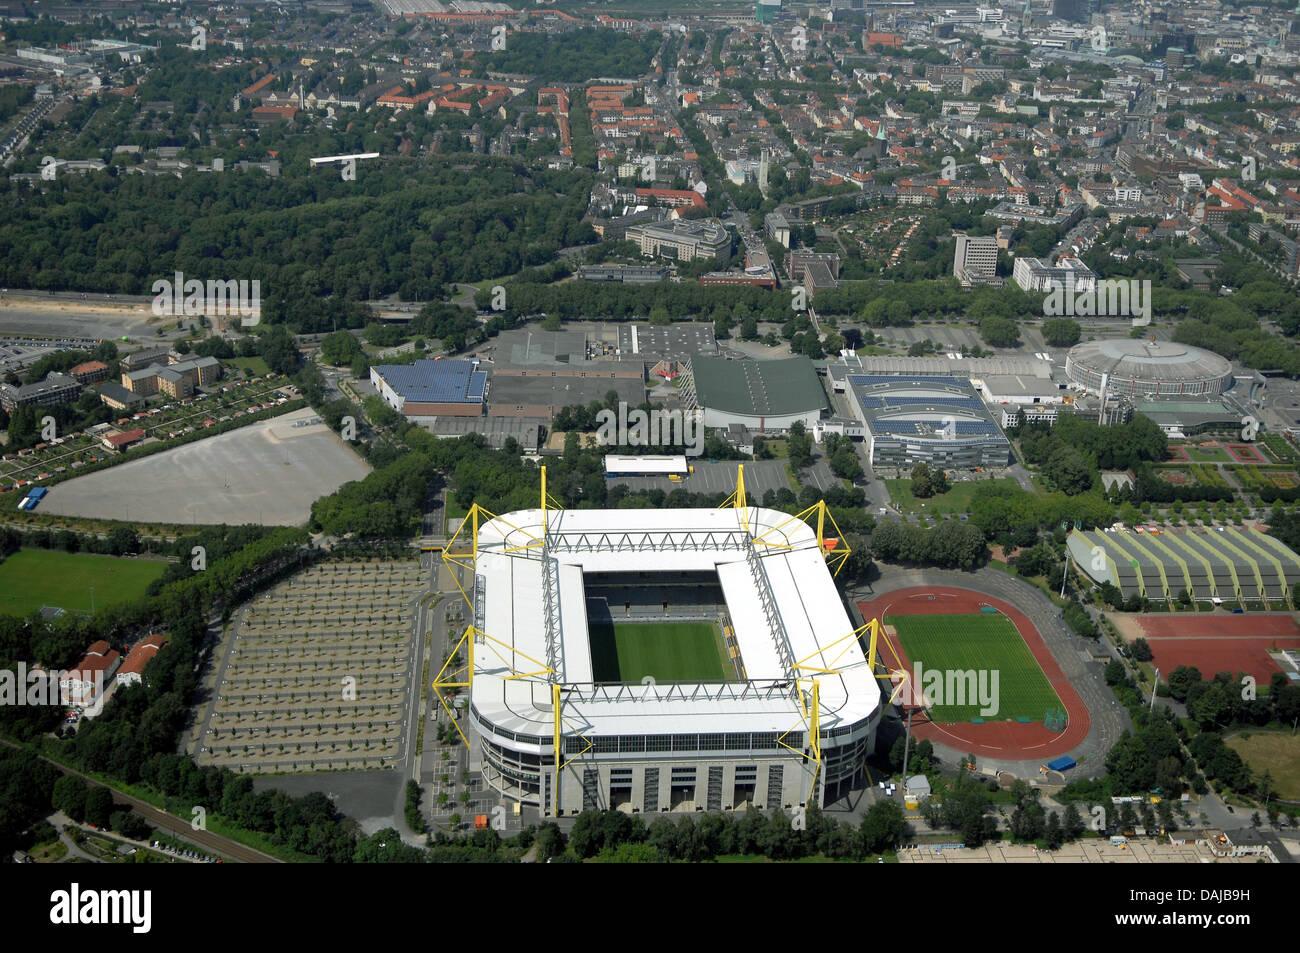 Eine Archivfoto vom 30. Juni 2008 zeigt das Fußballstadion der deutschen Bundesliga Fußballmannschaft Borussia Dortmung, Stockfoto